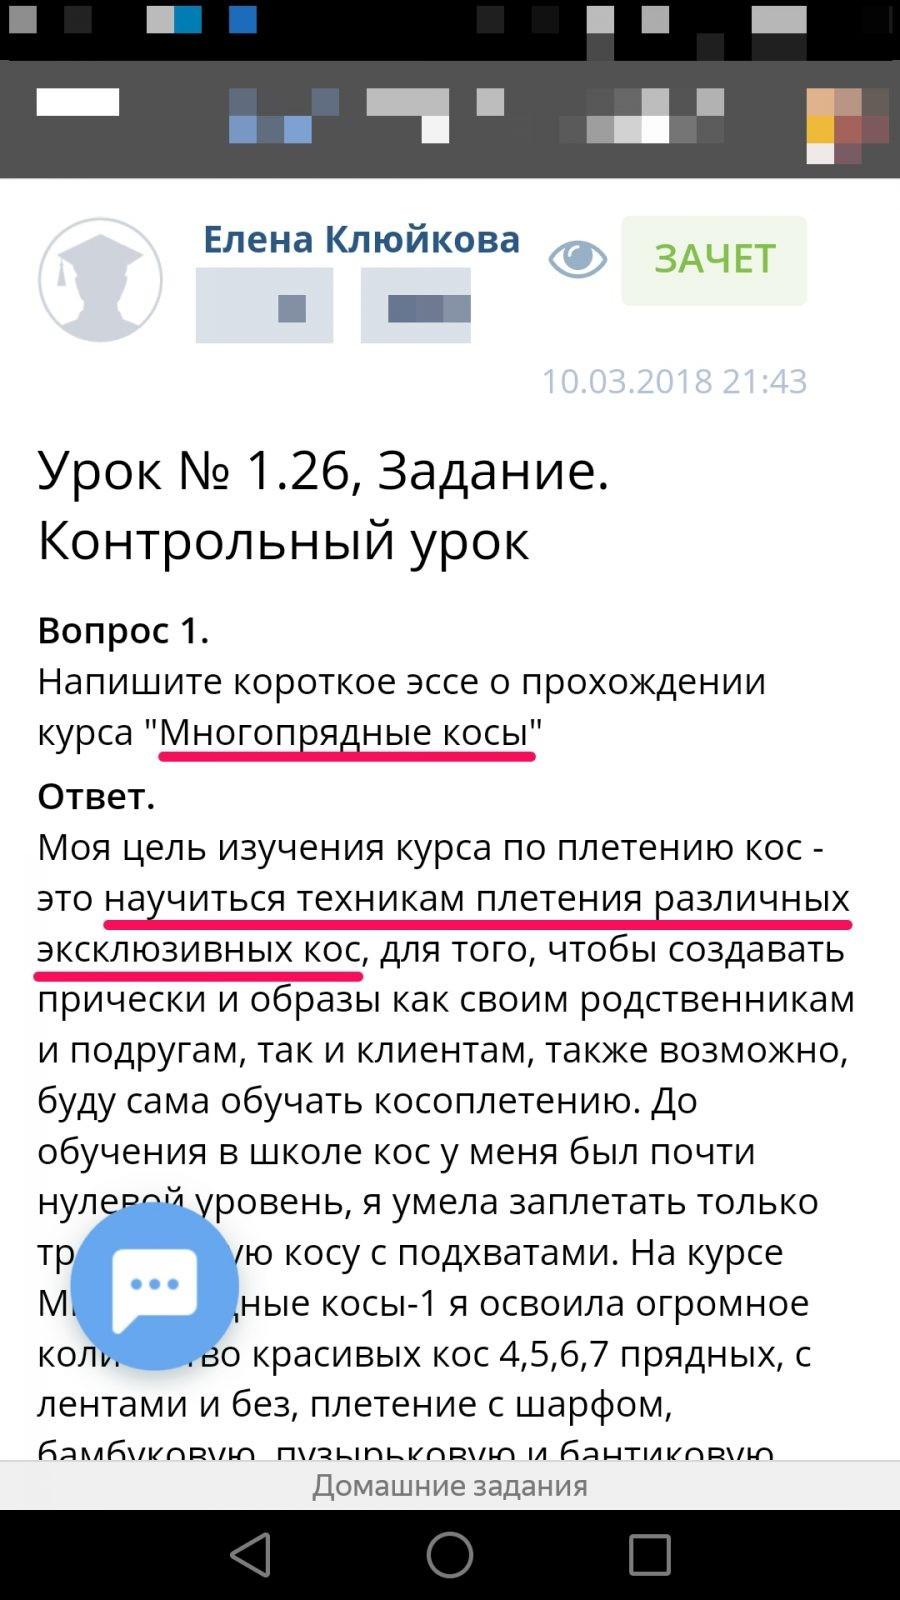 К 1 - Клуб школа кос